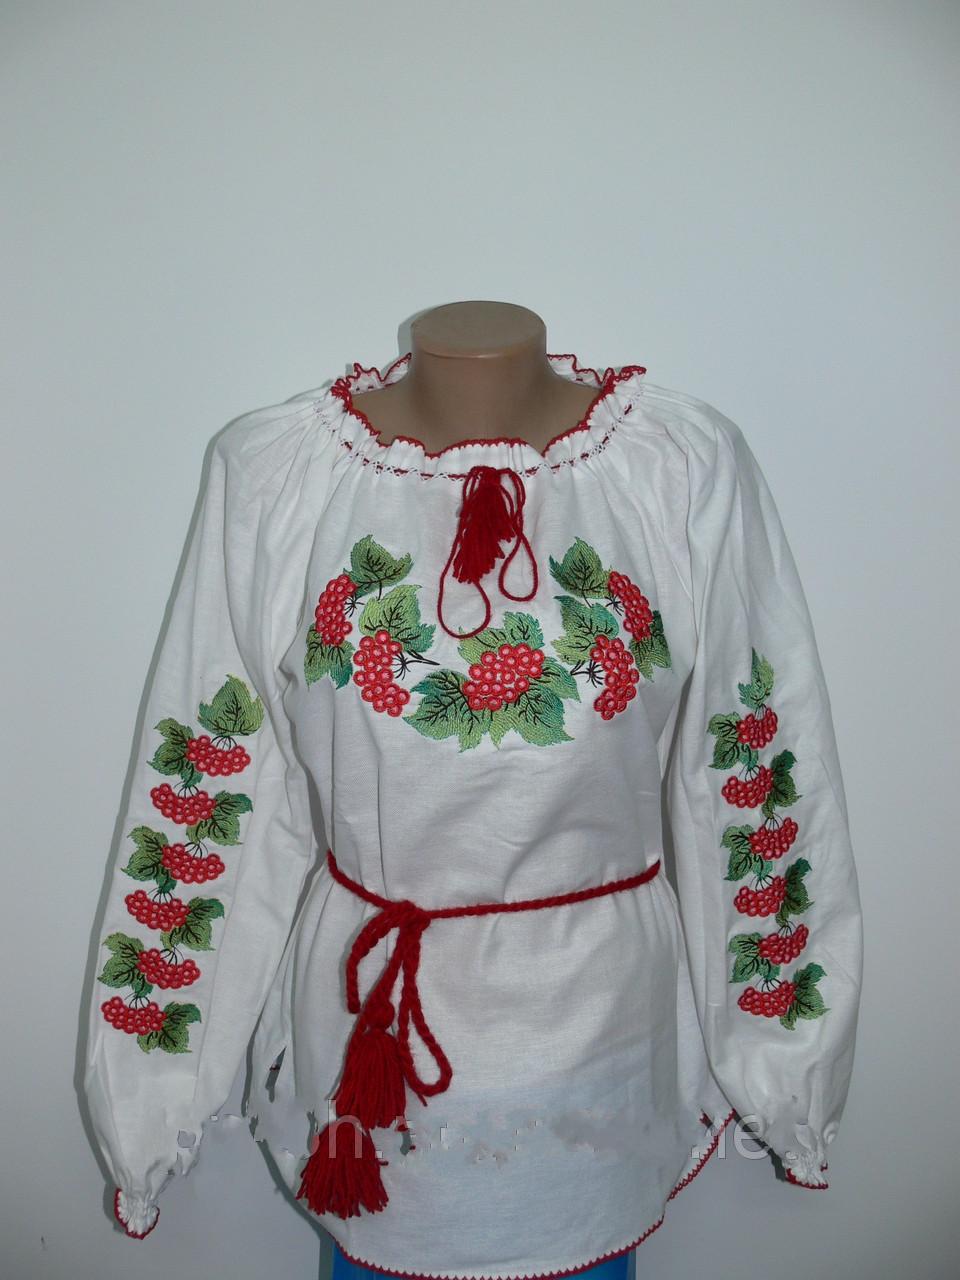 Жіноча вишита сорочка з калиною великі розміри - Интернет магазин одежды  Жасмин. в Хмельницком 6720260dea097